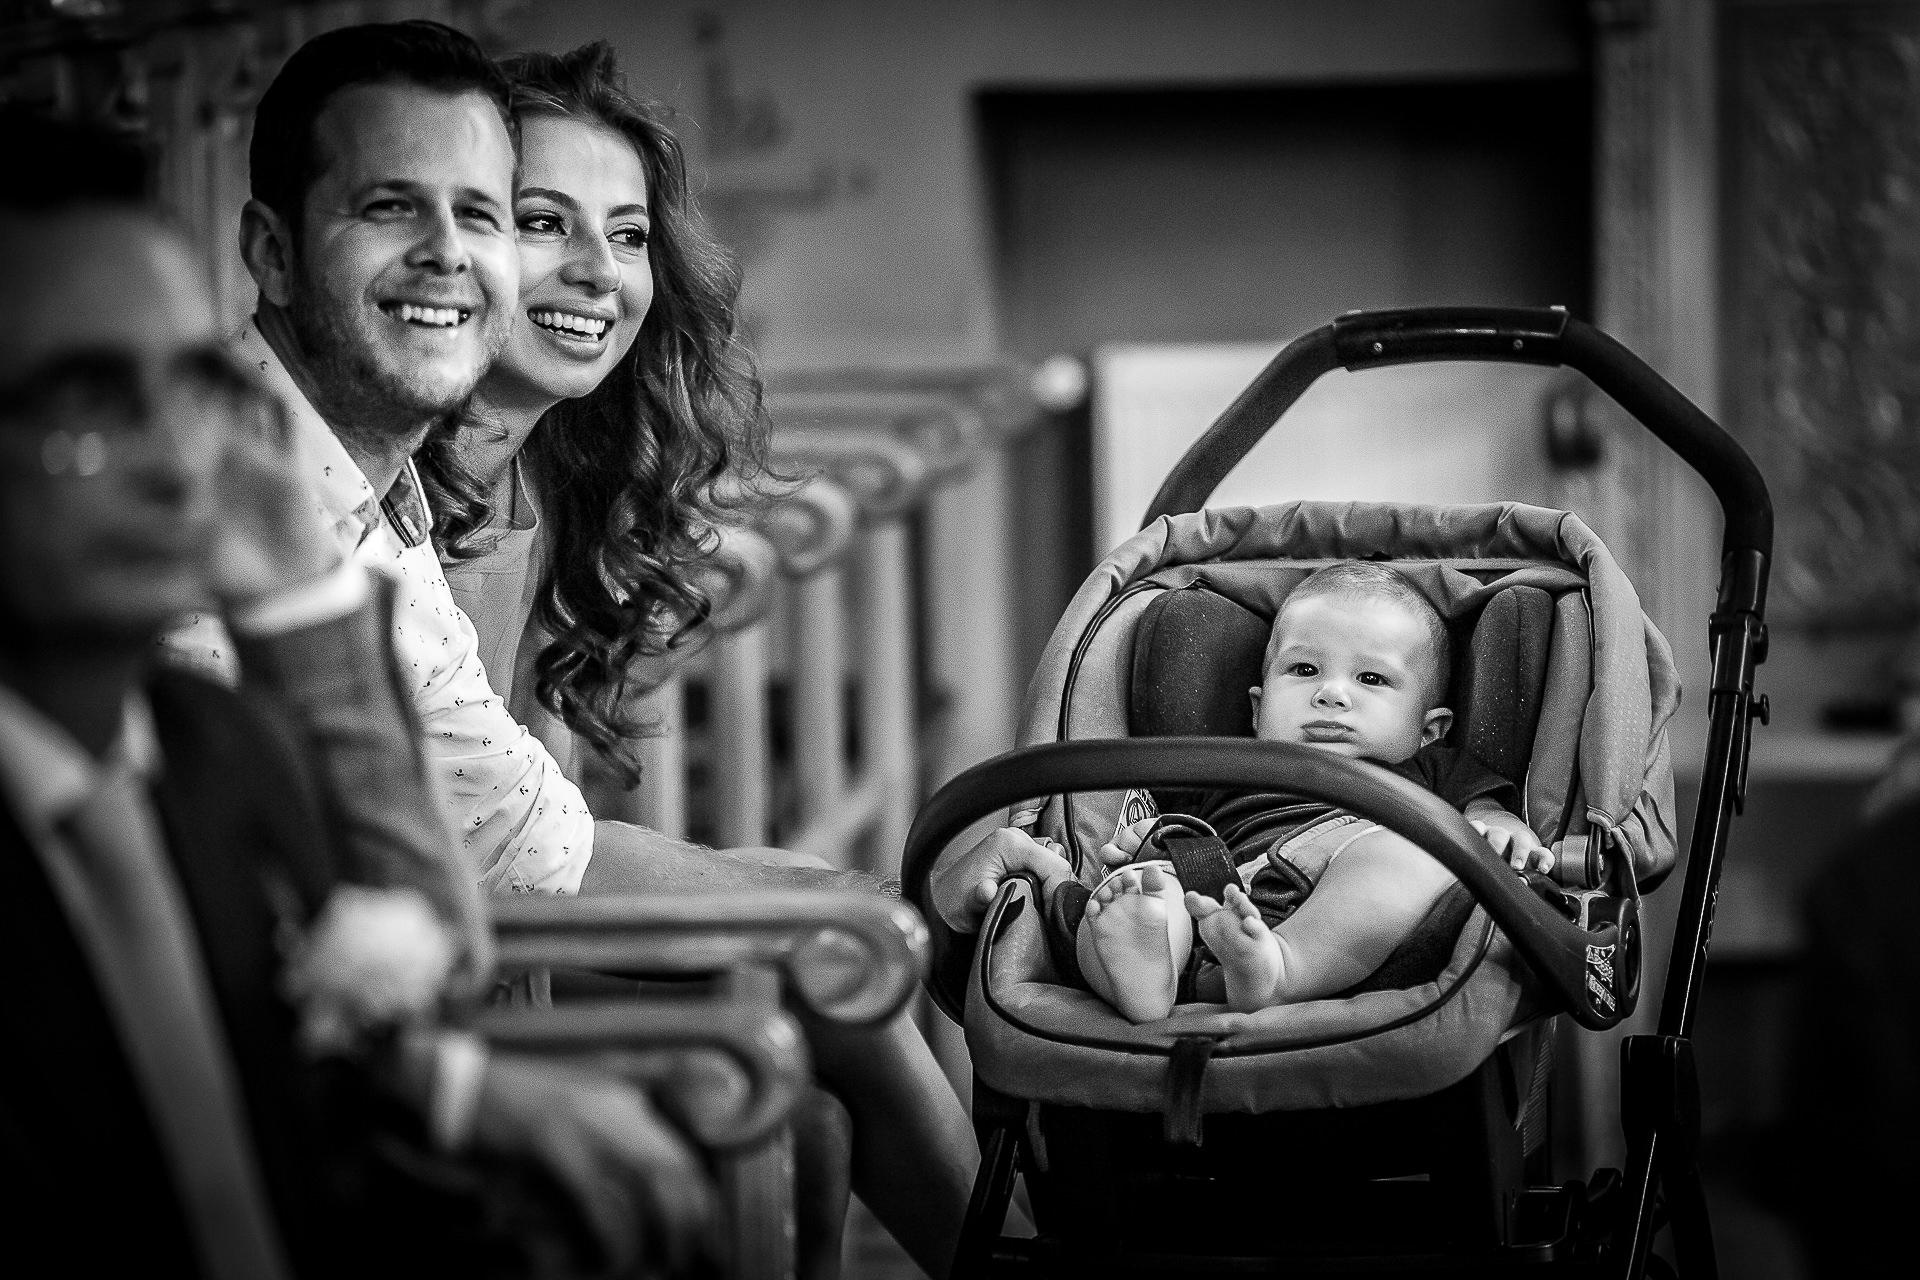 Fotograf nuntă Bucureşti - Biserica Militara Sfântul Mina + Metropolitan Club and Events - Marinela şi Pasquale - Mihai Zaharia Photography - 25